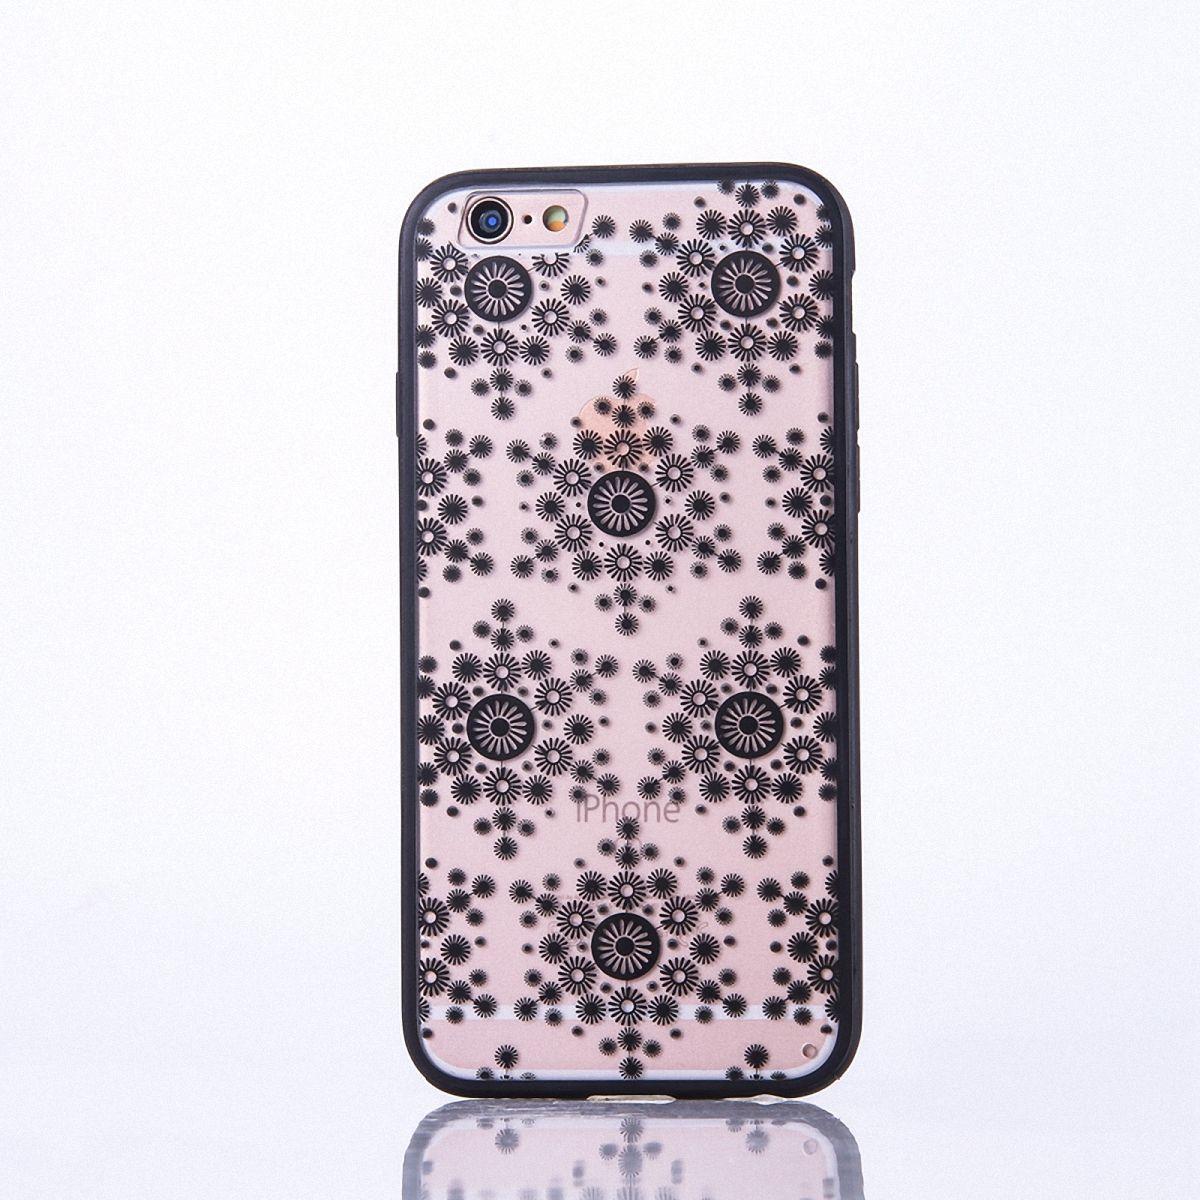 Handy Hülle Mandala für Apple iPhone 8 Design Case Schutzhülle Motiv Flocken Cover Tasche Bumper Schwarz